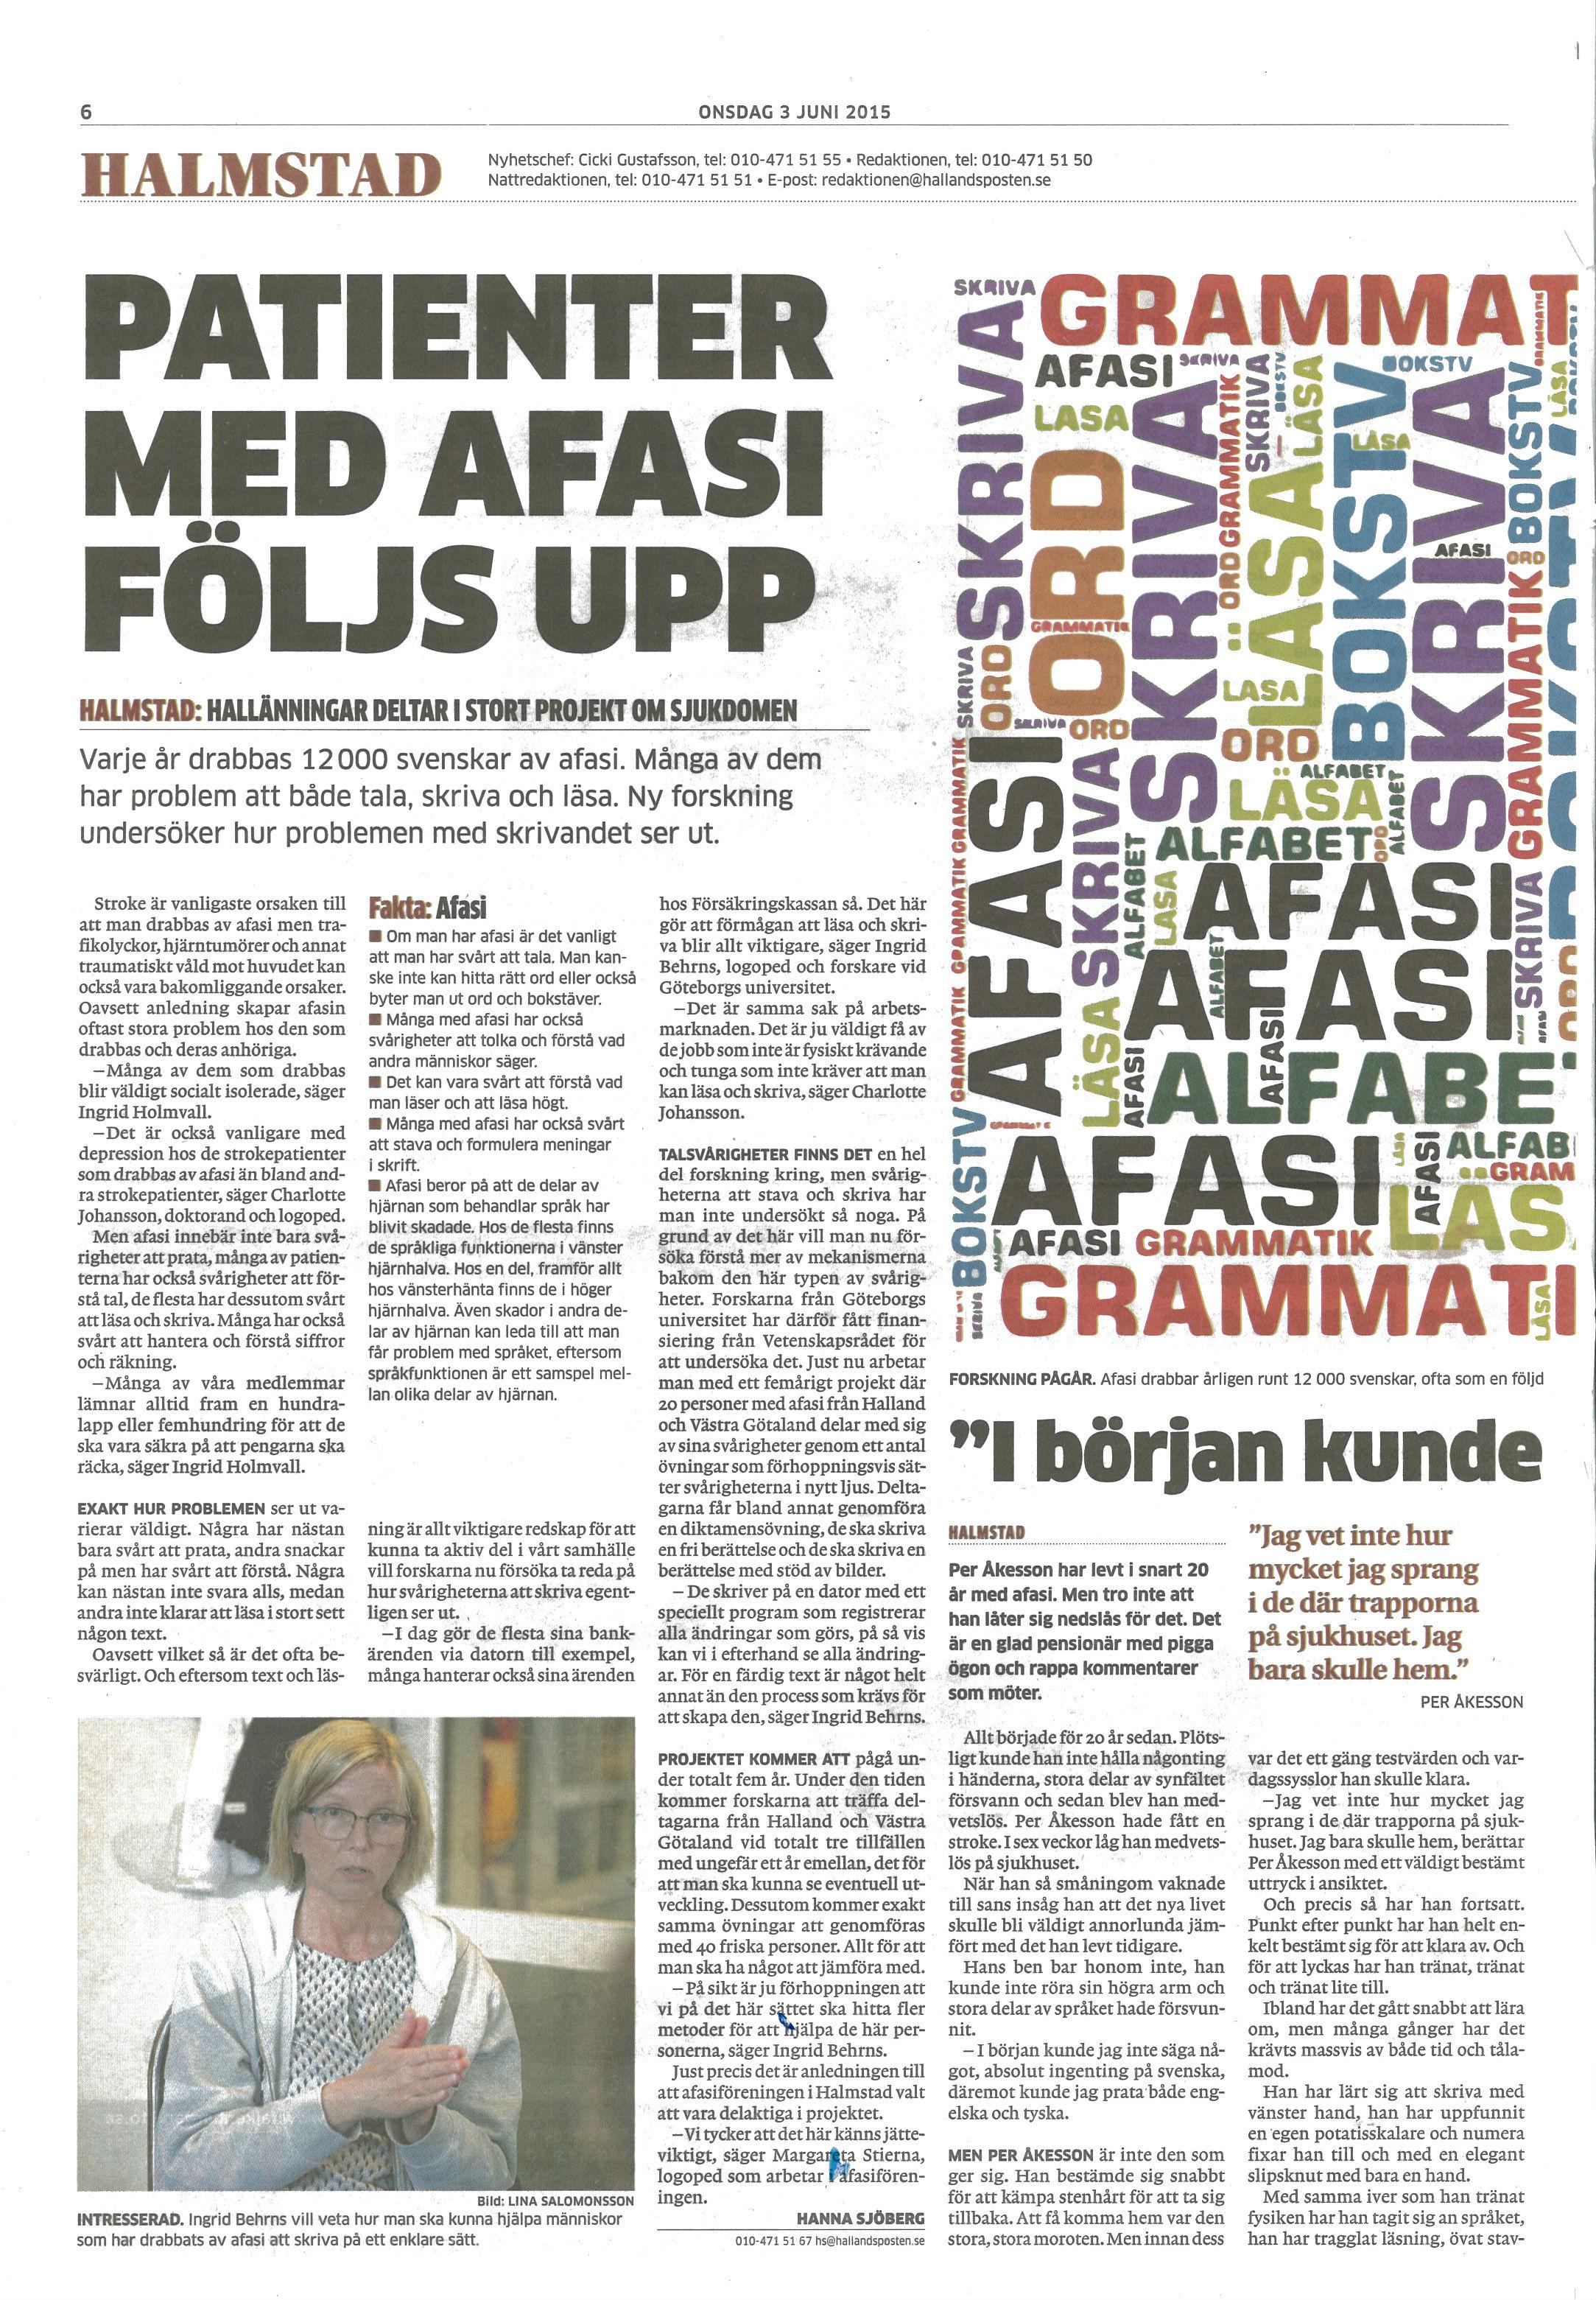 Hallandsposten 3 juni 2015 del1